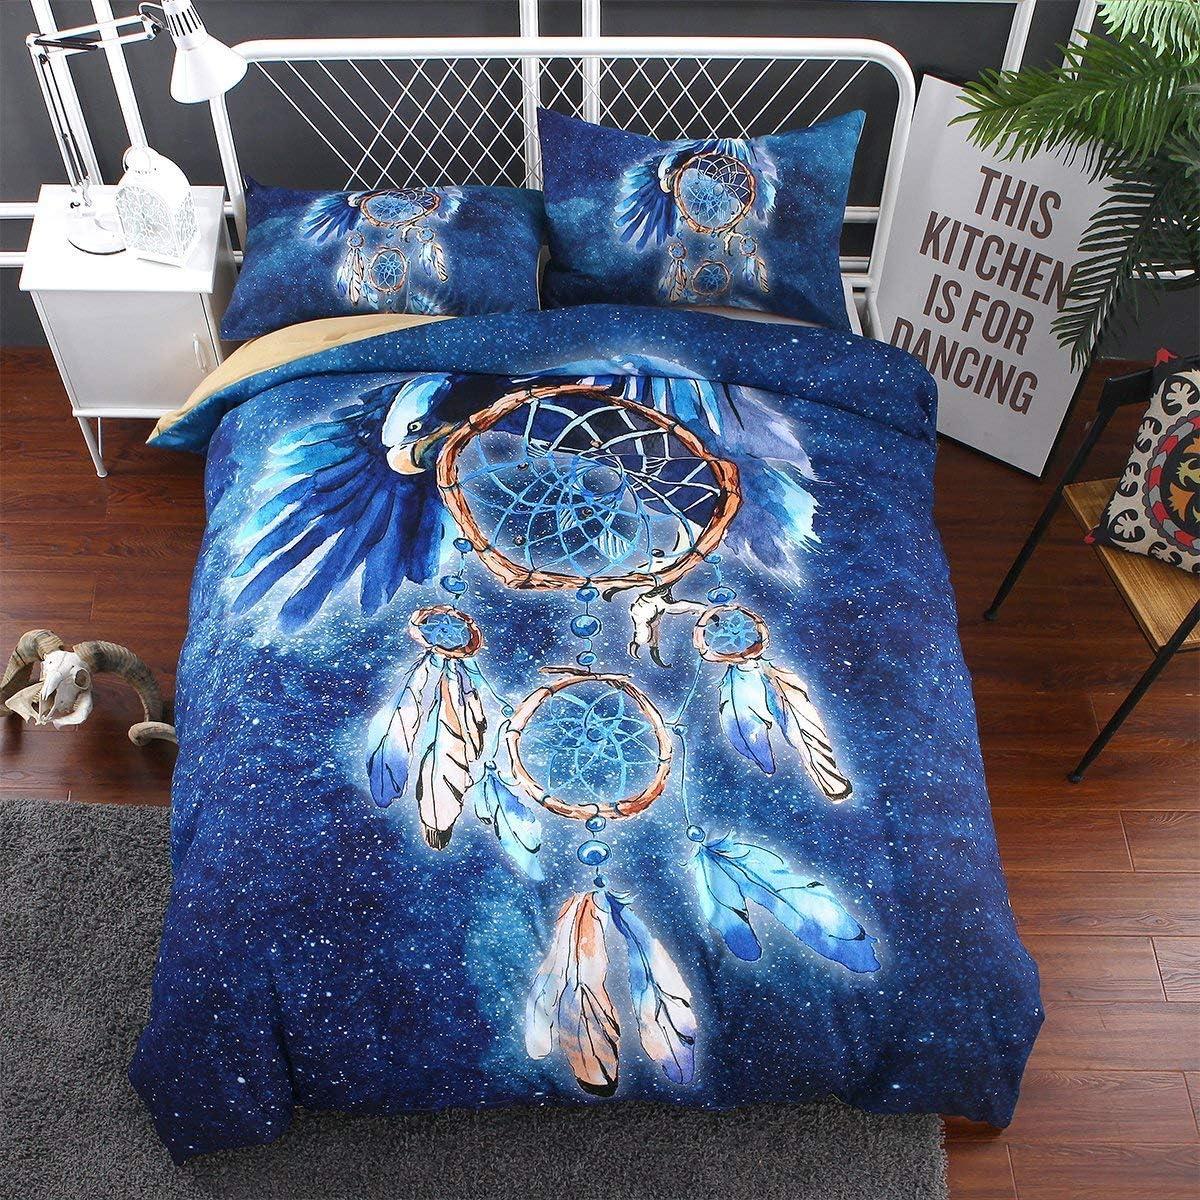 IMMIGOO Linge de Lit Housse de Couette 140 x 200 cm Bleu 1 Taie doreiller 50 x 75 cm Indien Attrape R/êves Ensemble de Literie Dreamcatcher Oiseaux D/écoration